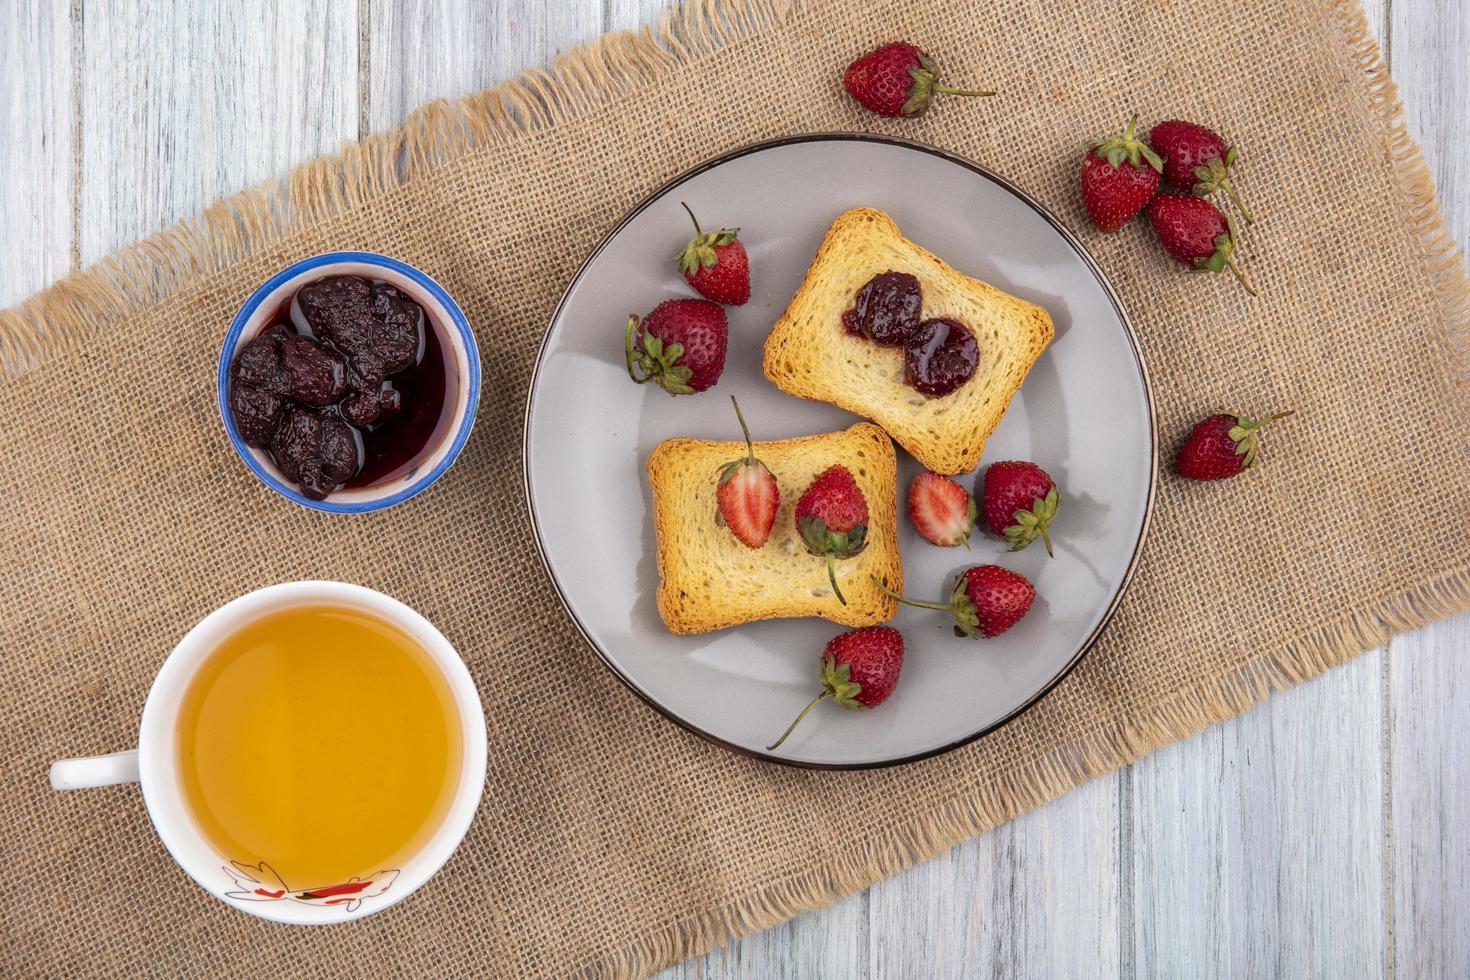 pain grillé et fruits sur une assiette sur fond de bois gris photo